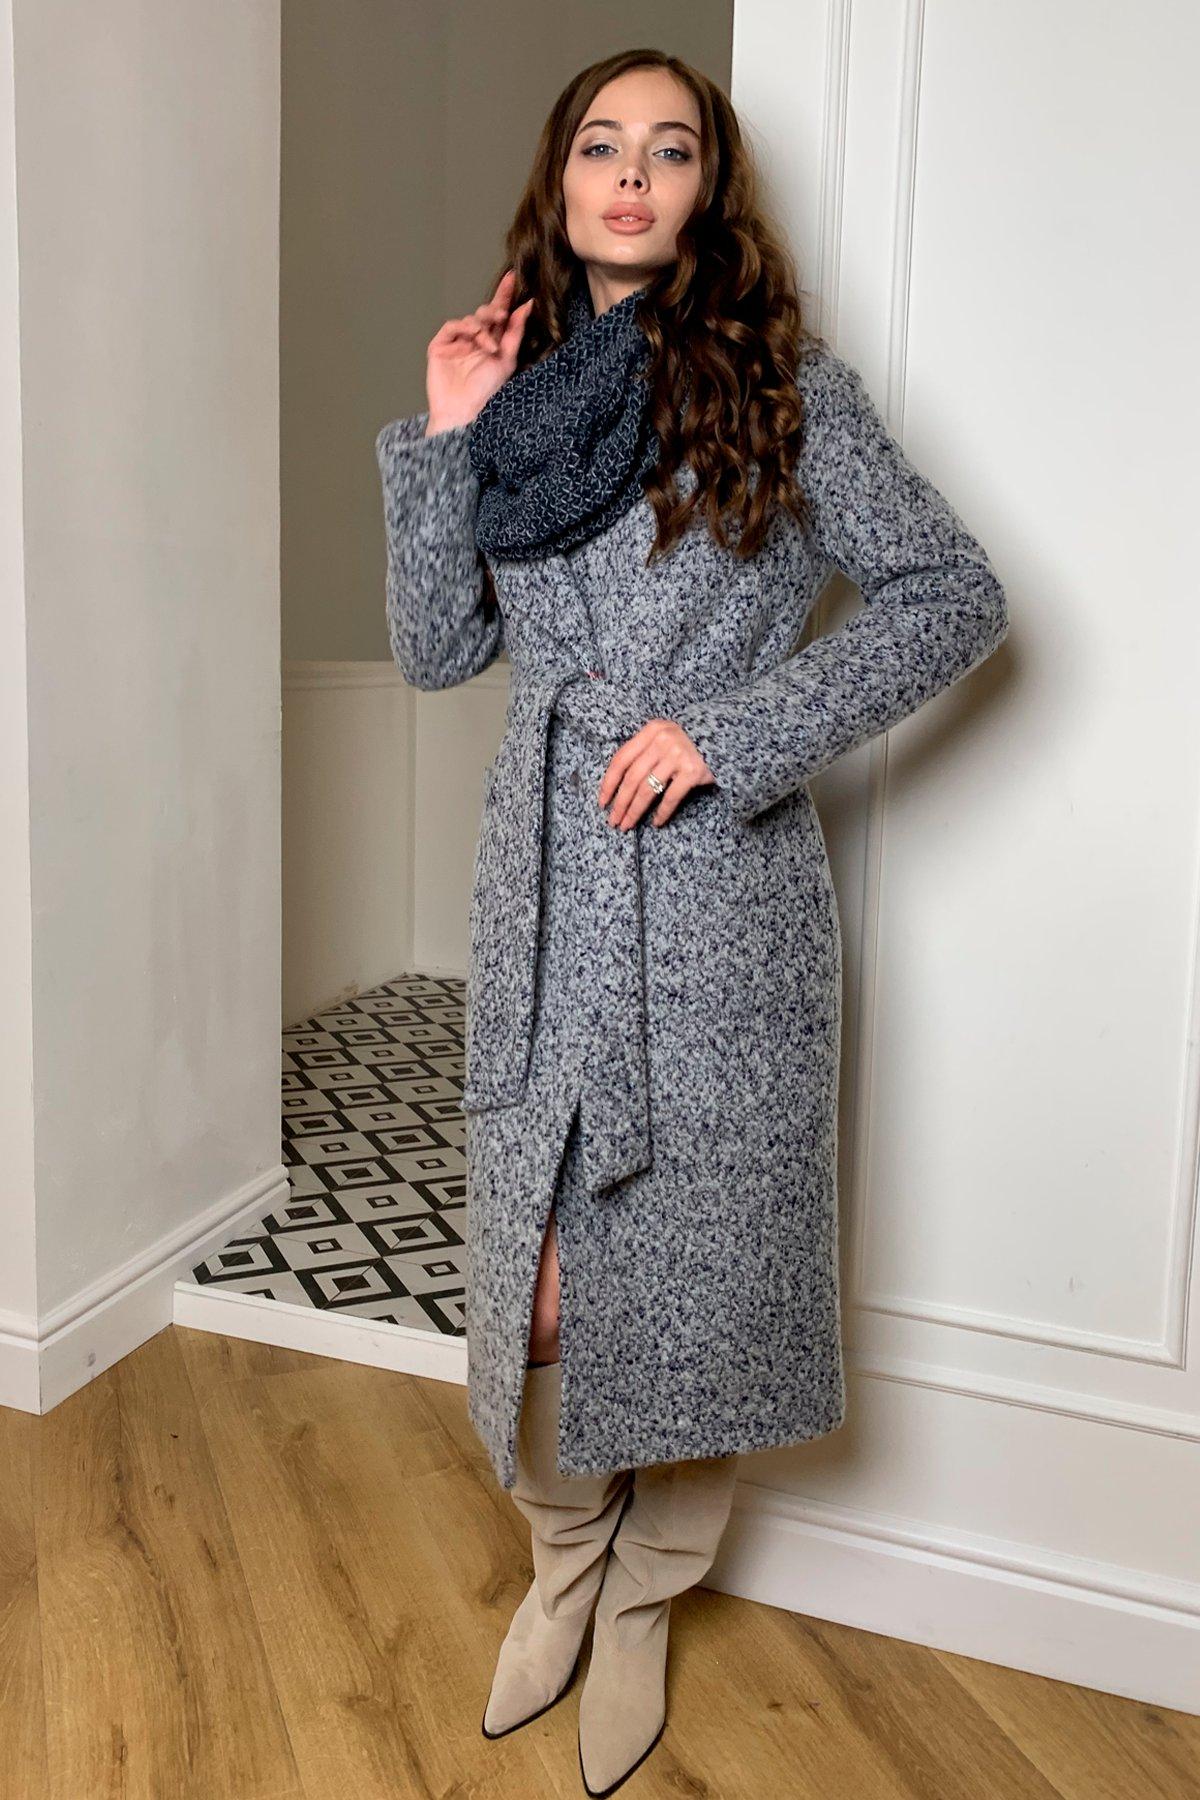 Теплое зимнее пальто буклированная шерсть Вива макси 8349 АРТ. 44516 Цвет: Серый/голубой 60 - фото 3, интернет магазин tm-modus.ru